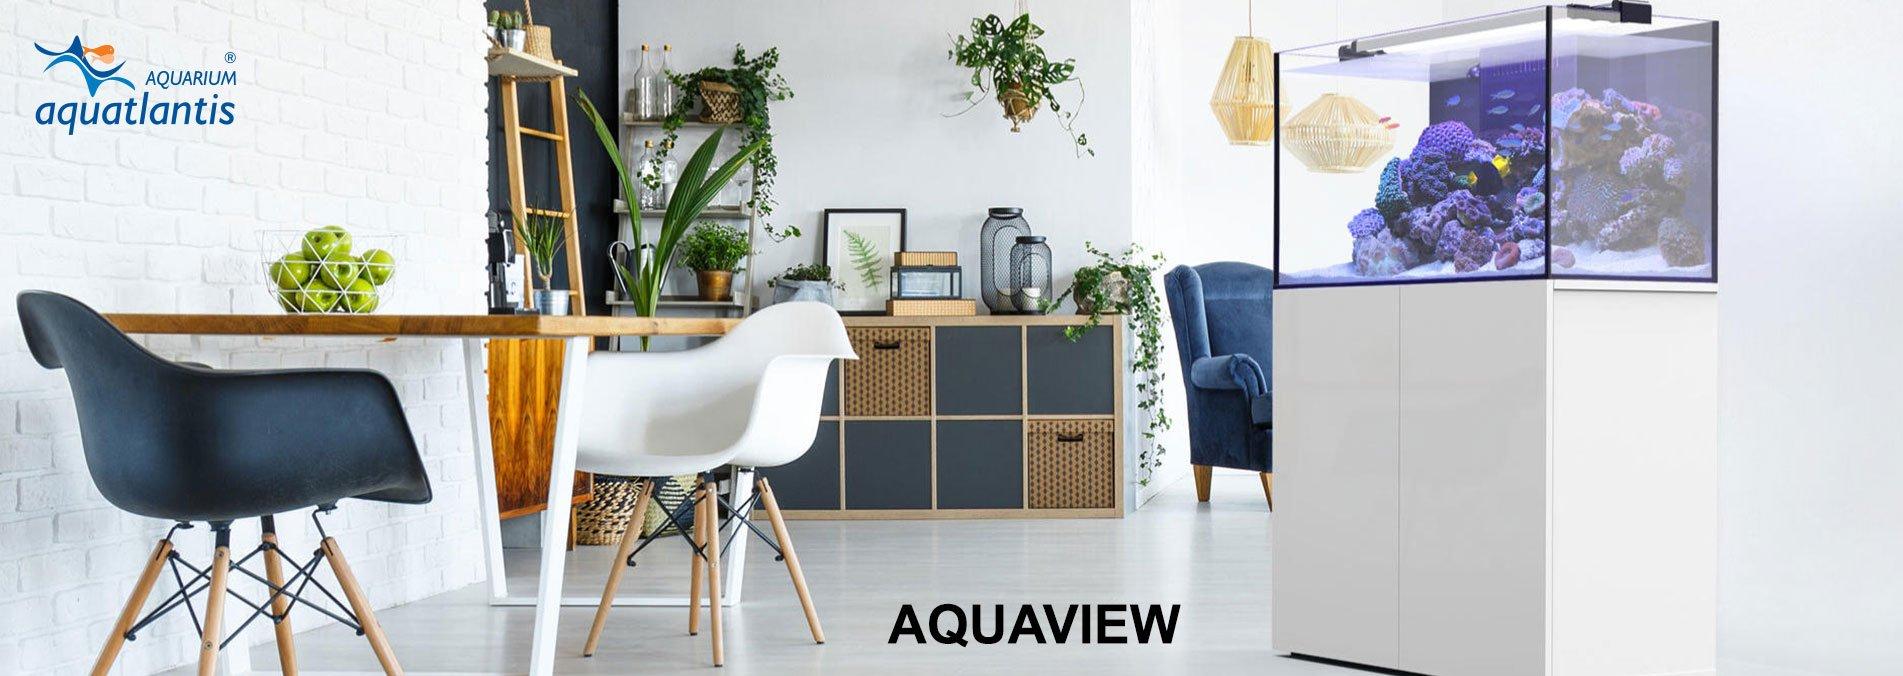 Aquatlantis Aquarium Online Shop, Bild 1